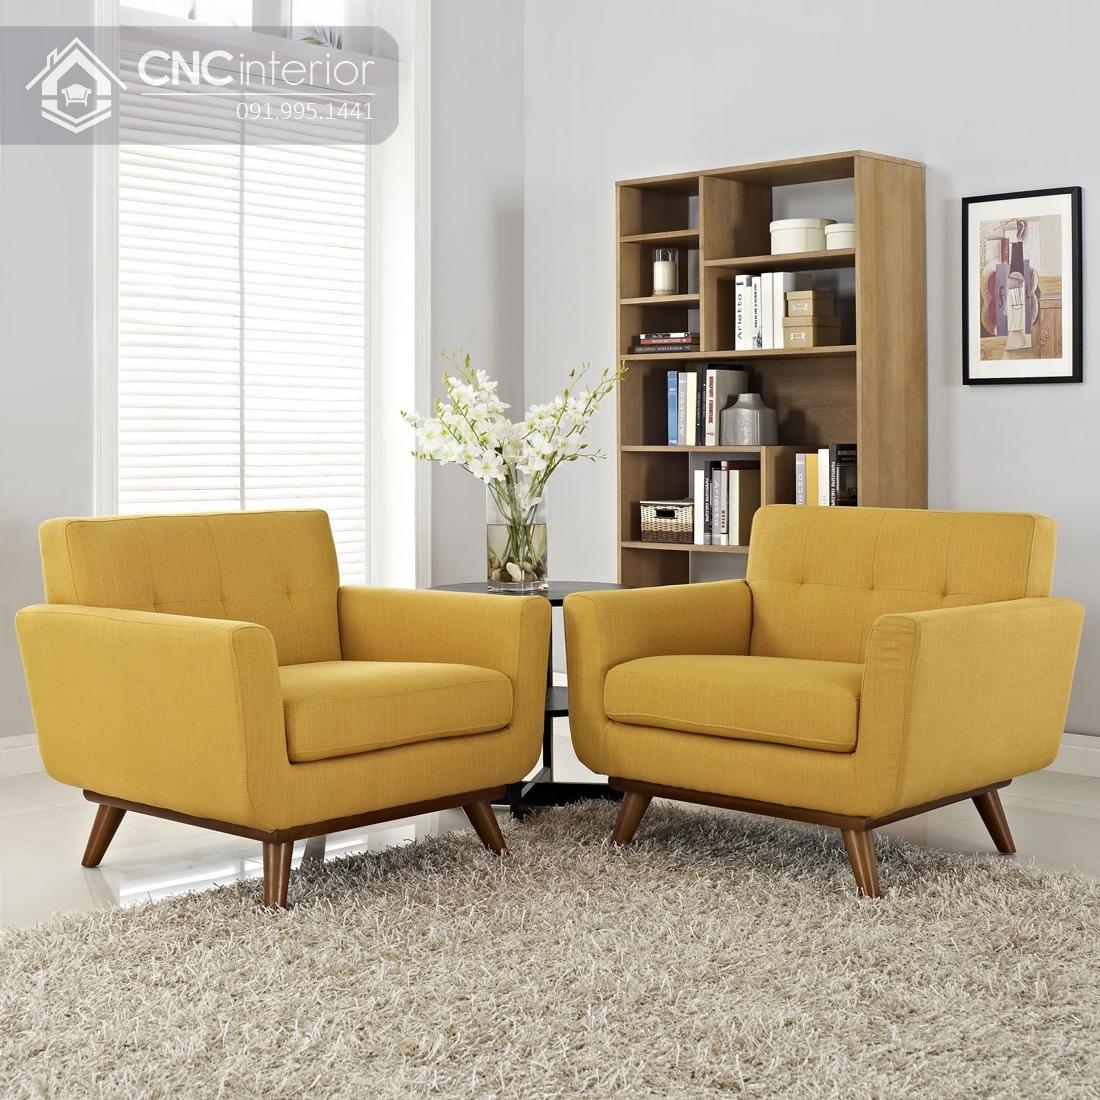 mẫu ghế sofa đơn giản hiện đại 8